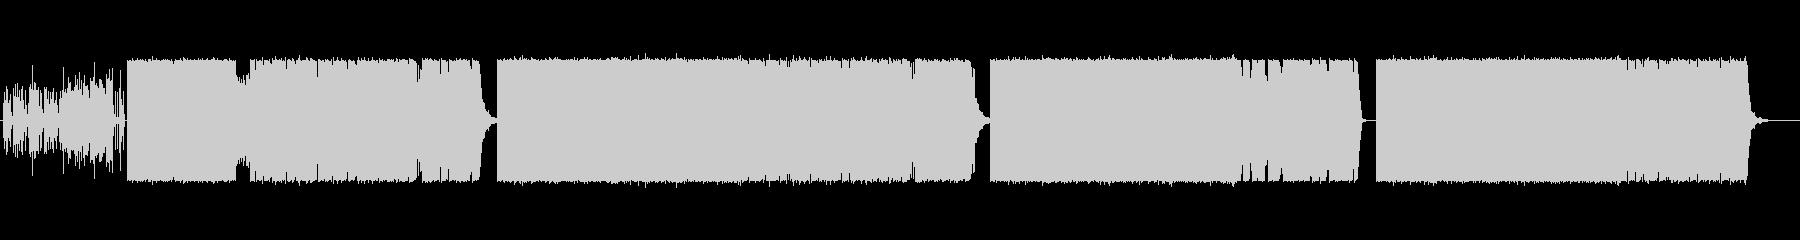 海外系ヒップホップ/Beats/壮大/2の未再生の波形